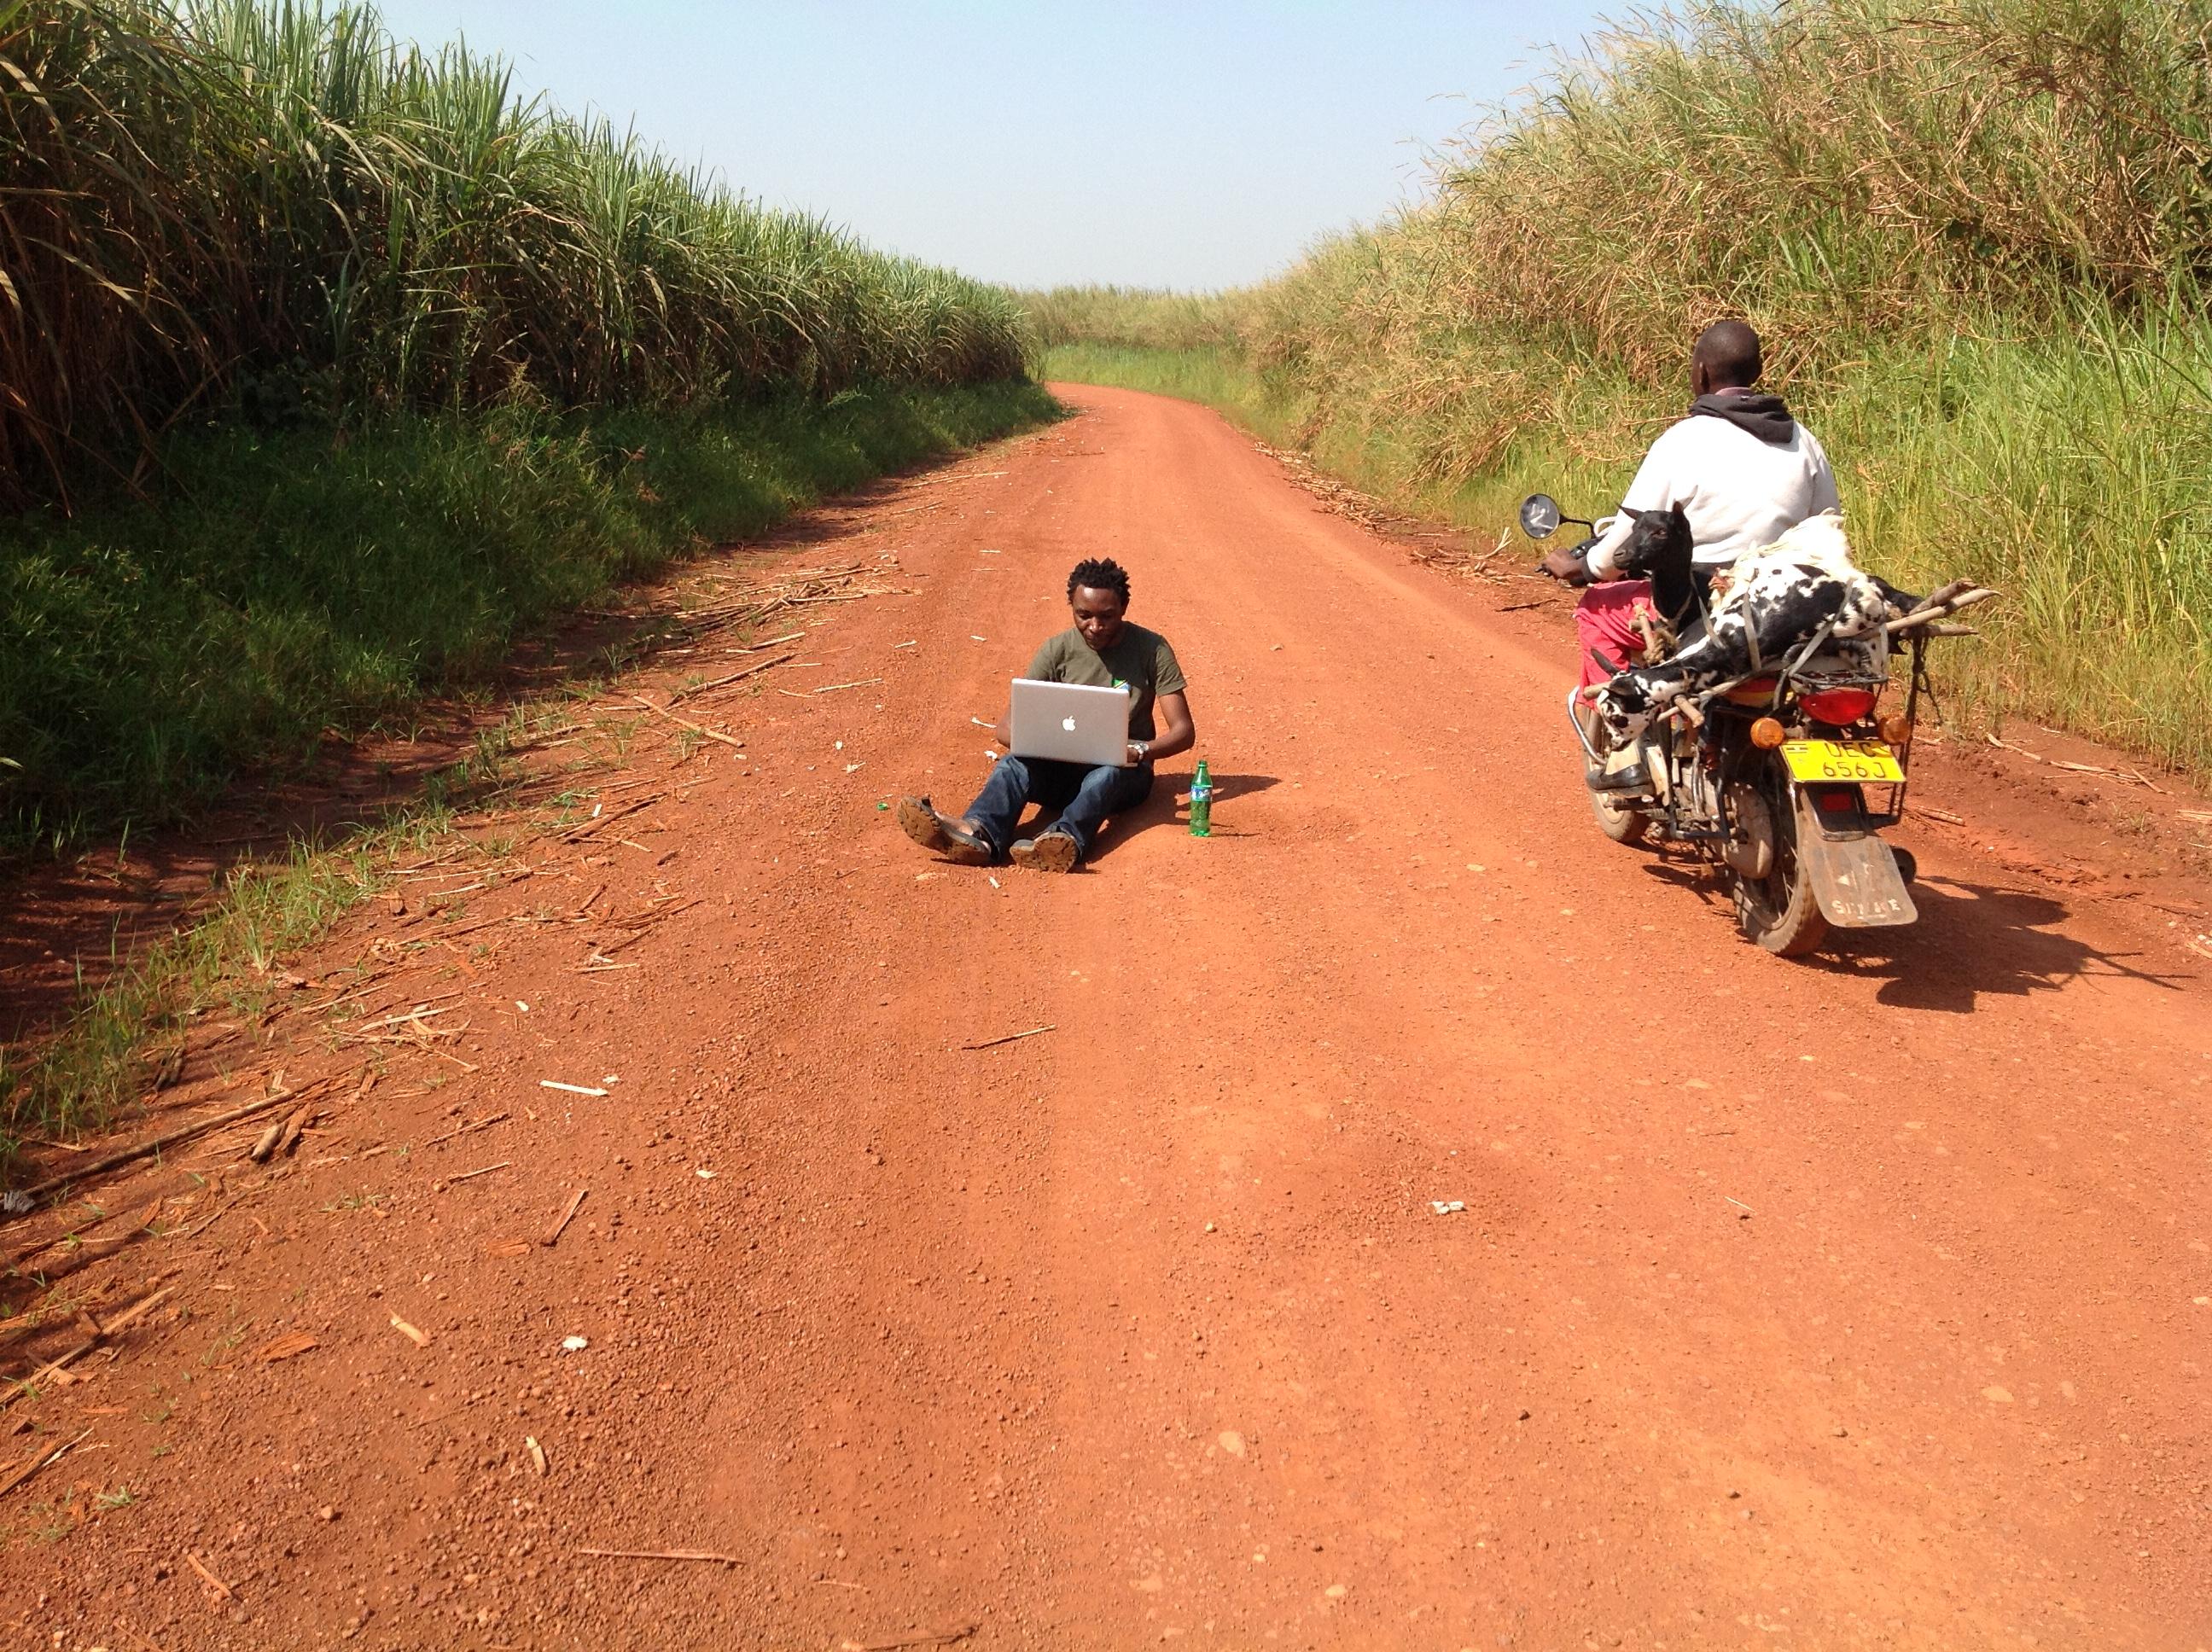 Jude Mukundane, Teilnehmer an digitalen Projekten der DW Akademie in Uganda, startete ein Experiment: Wie lange kann man mitten auf dieser einsamen Straße im Masindi-Distrikt am Computer arbeiten, bevor der Verkehr einen vertreibt? Nach 30 Minuten gab Mukundane auf.